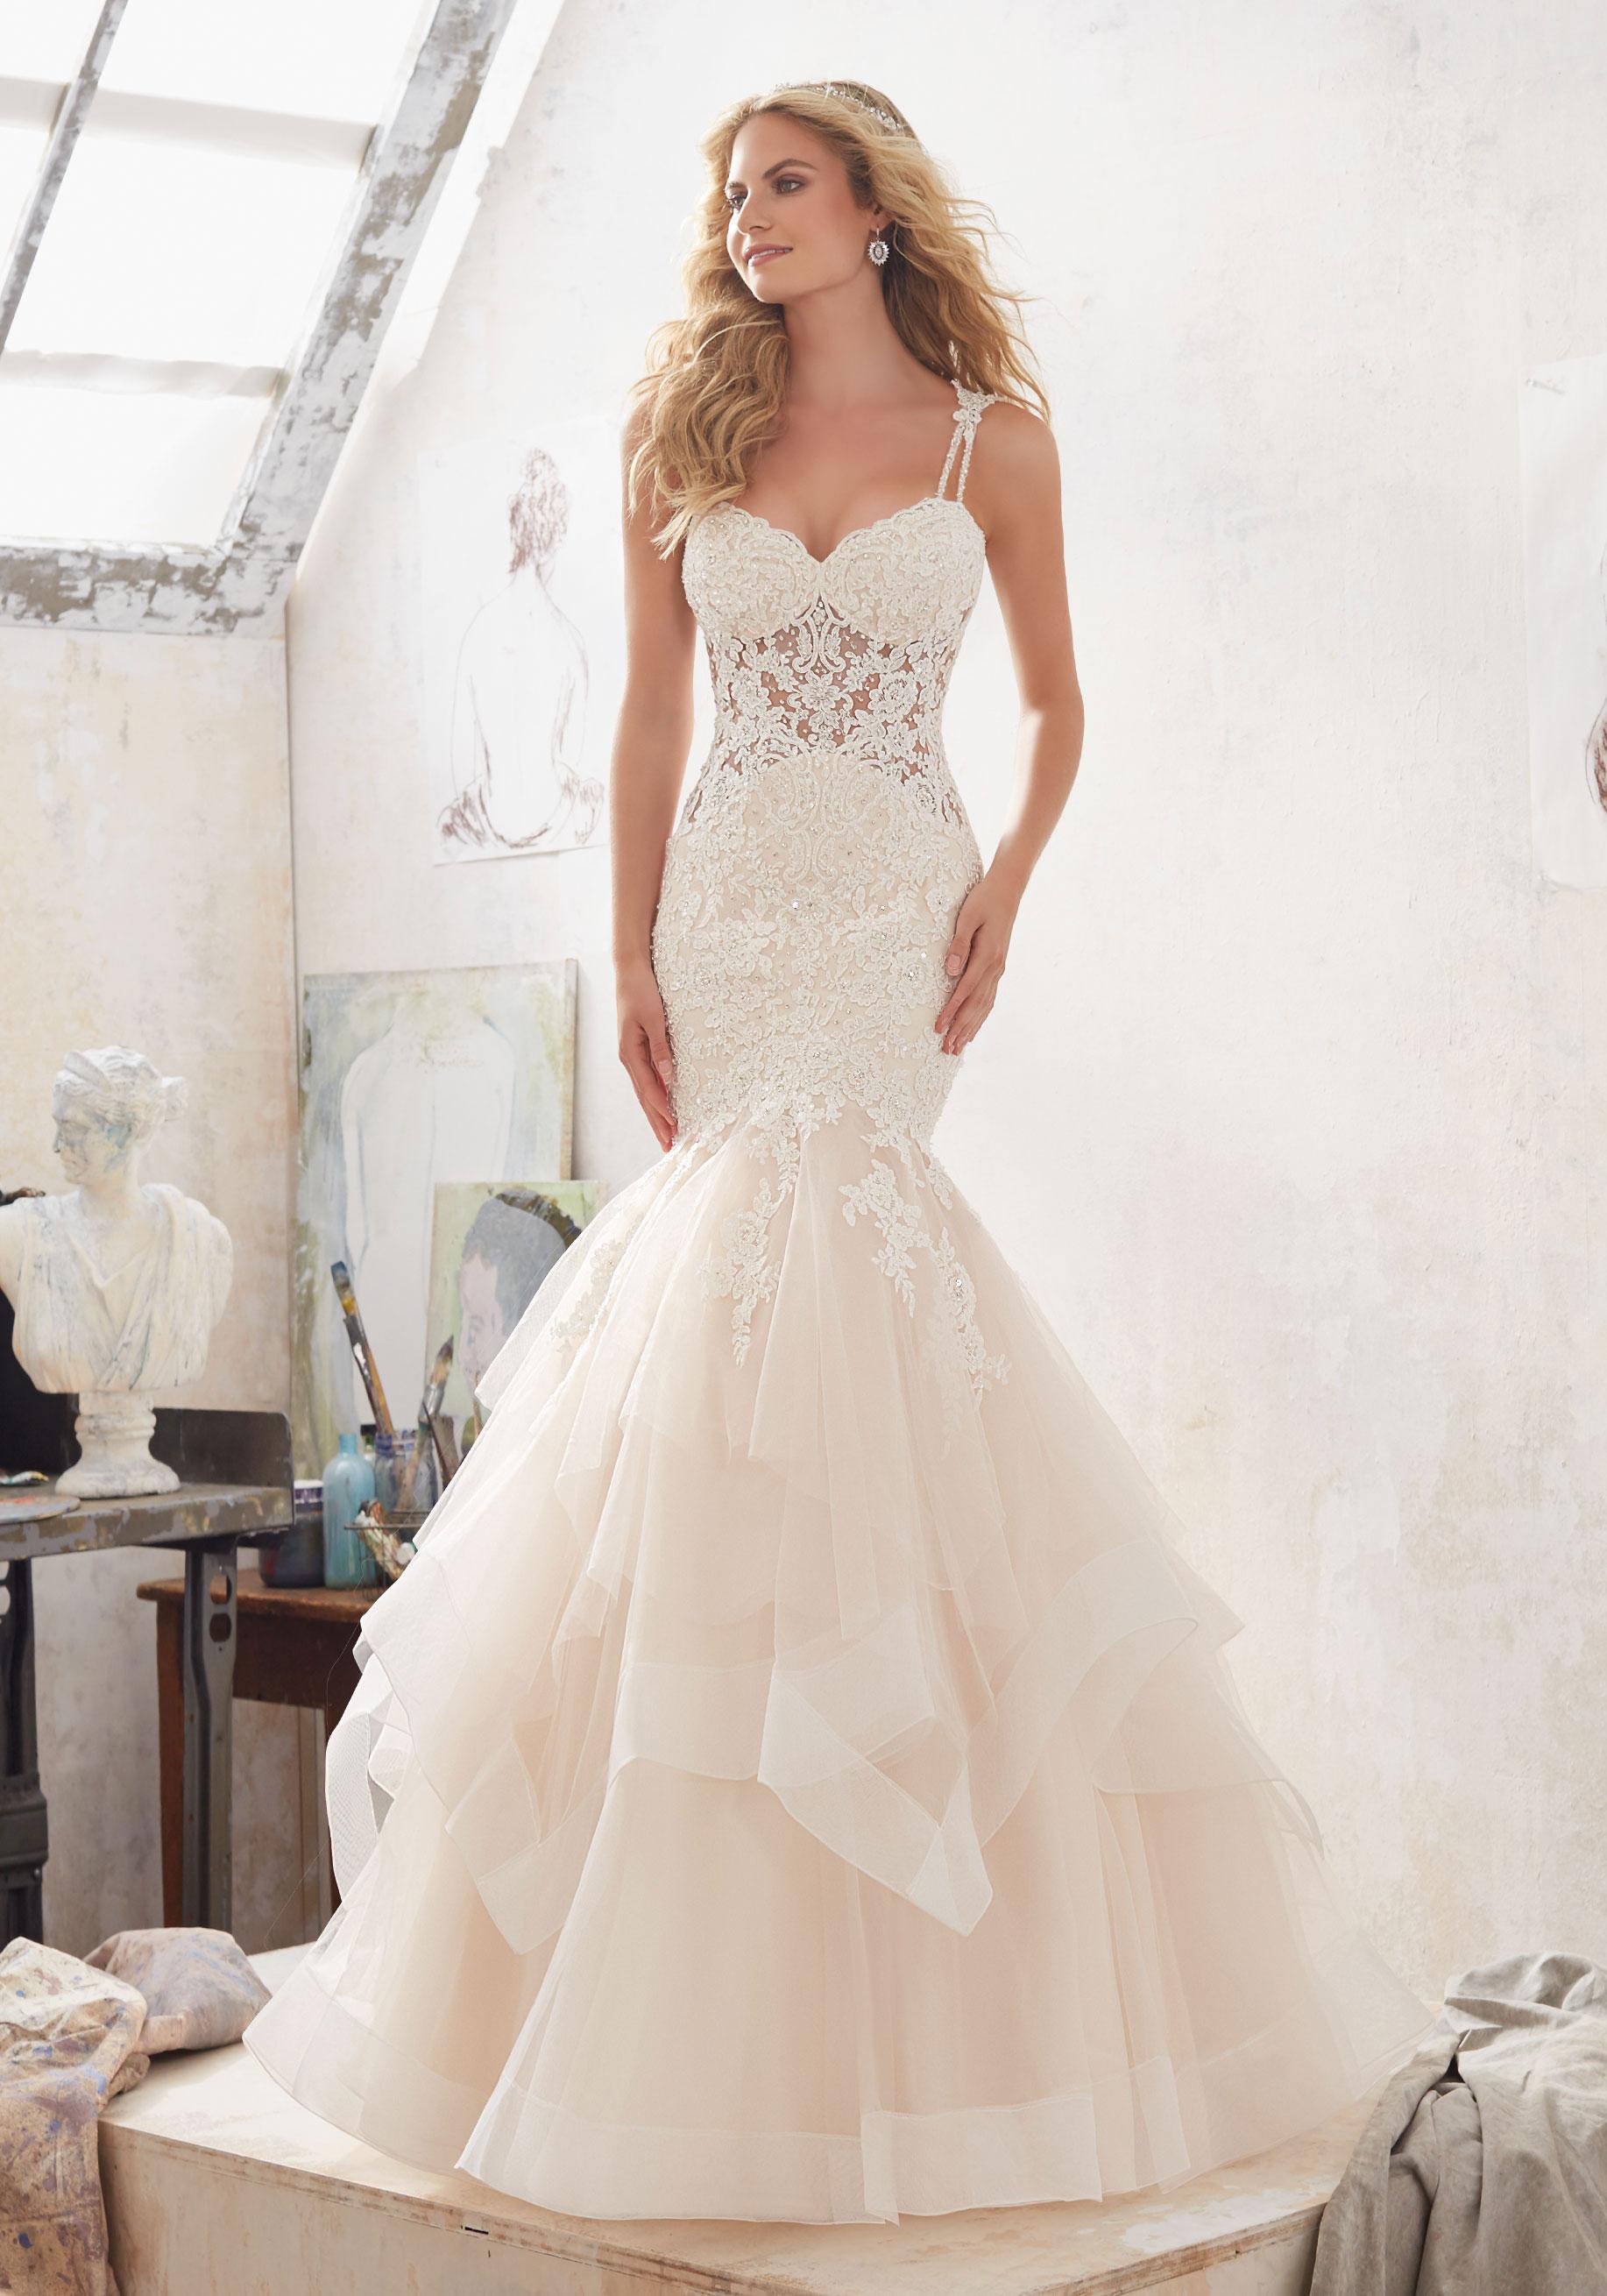 mori lee wedding dresses marciela wedding dress gmnwwrf